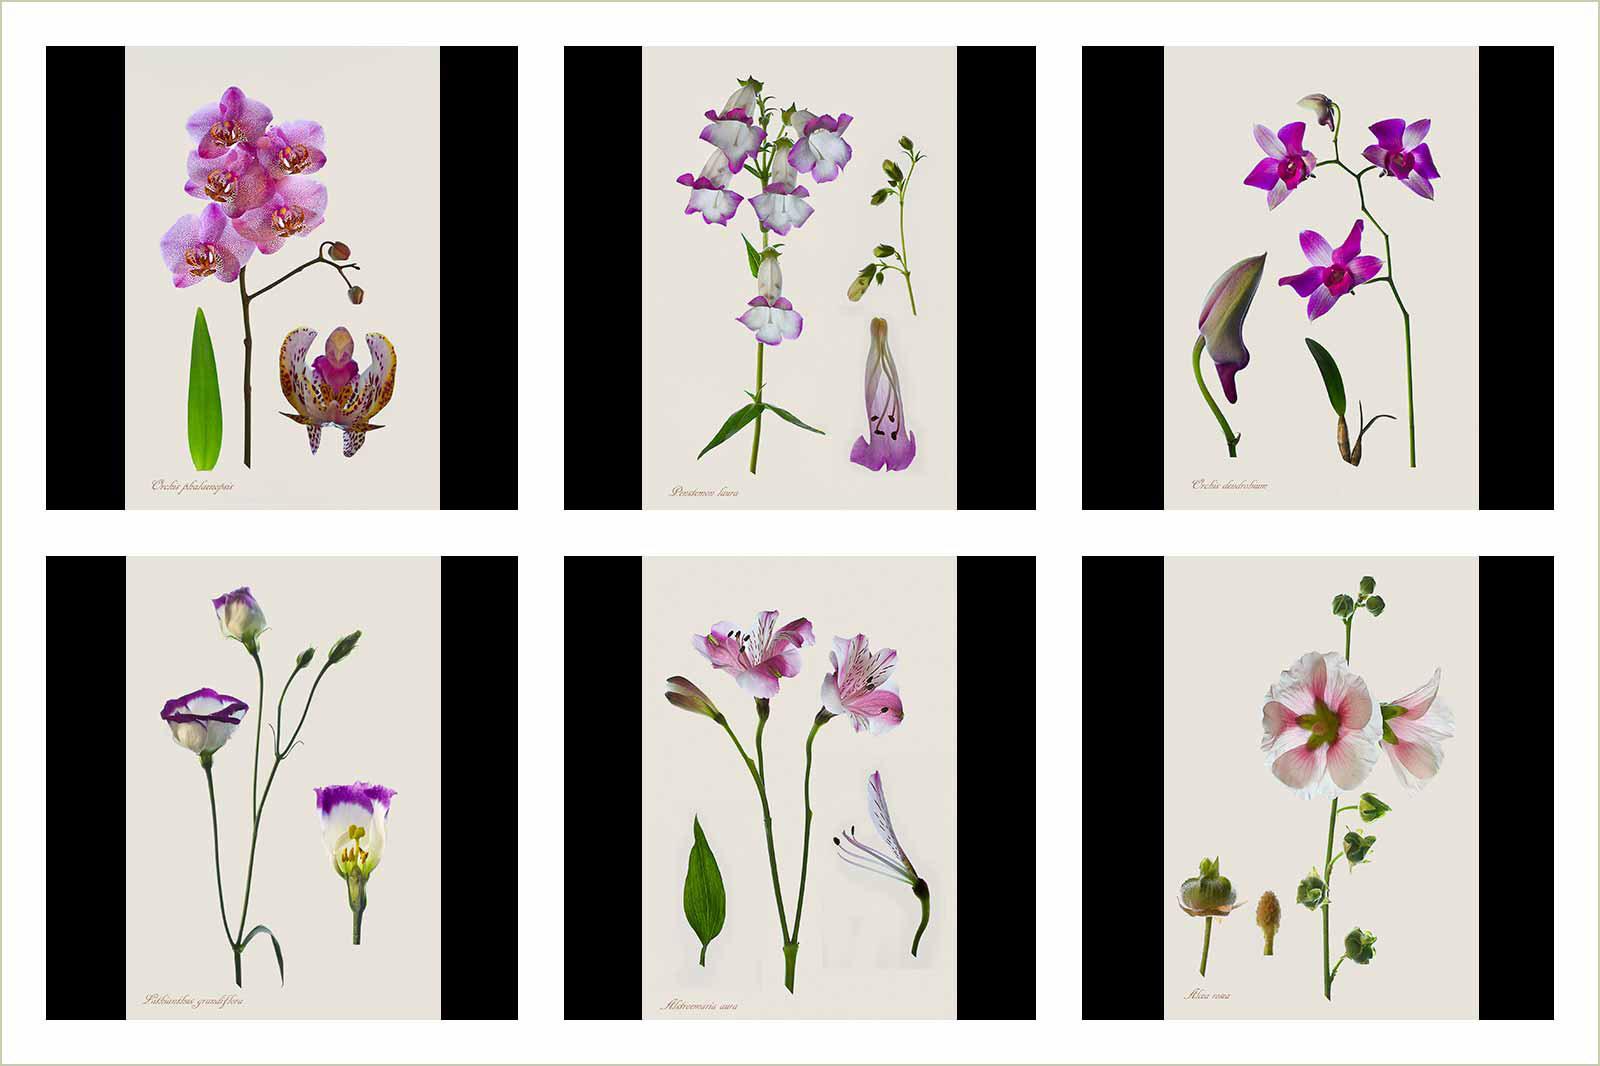 Ботанические принты: где искусство встречается с наукой, © Элеонора Коут, Золотая медаль категории «Портфолио», Фотоконкурс RHS Photographic